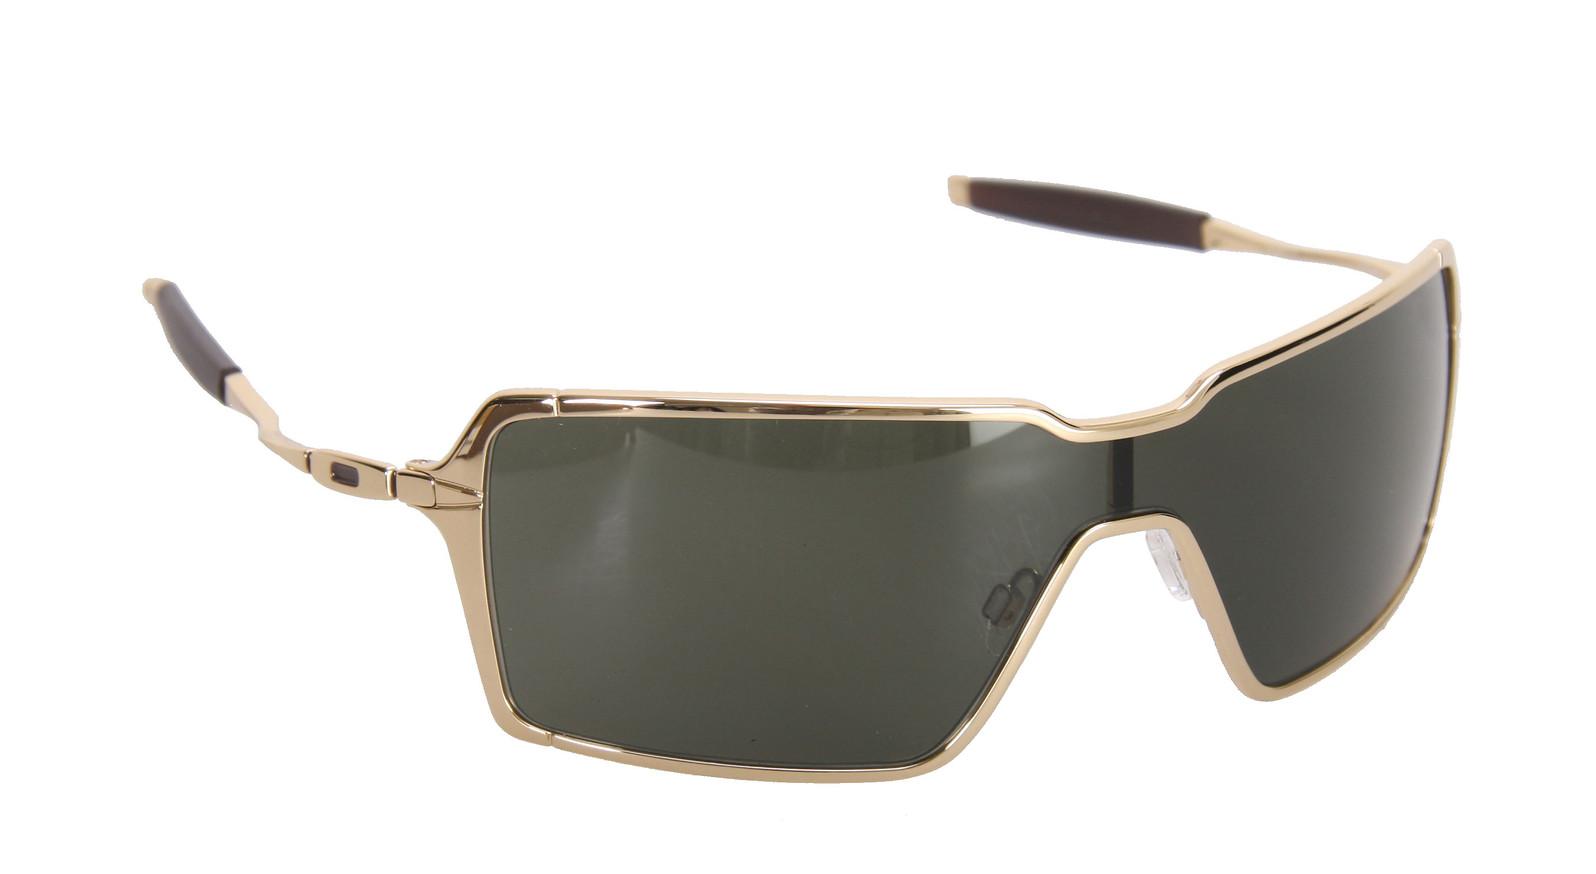 Oakley Probation Sunglasses Polished Gold/Dark Grey Lens  oakley-probation-sngls-polishedglddrkgry-10.jpg